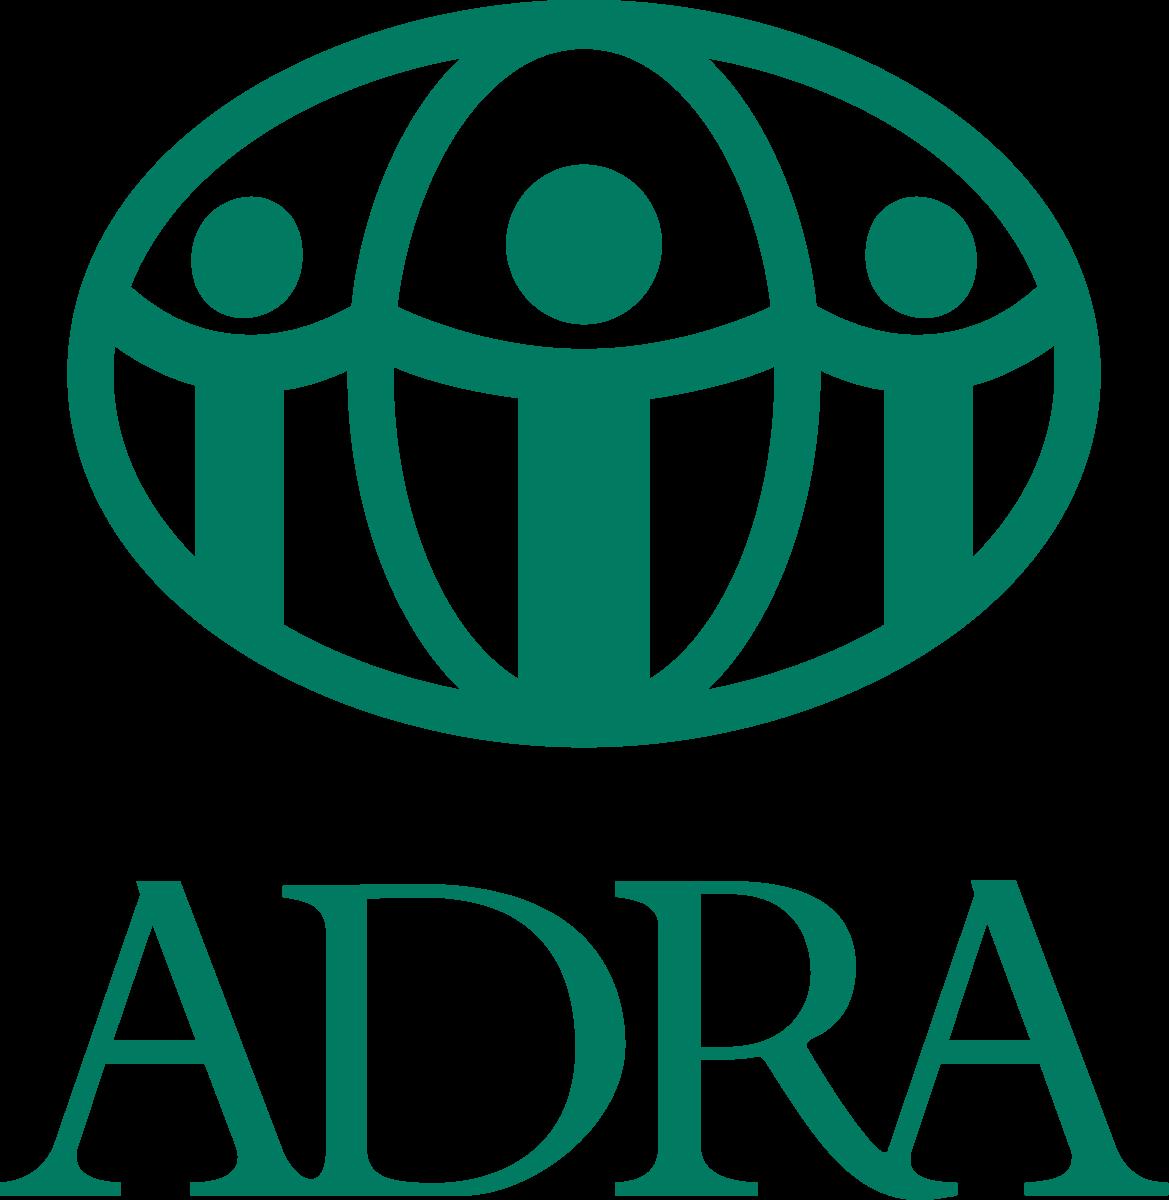 Organizace Adra - Frýdek-Místek